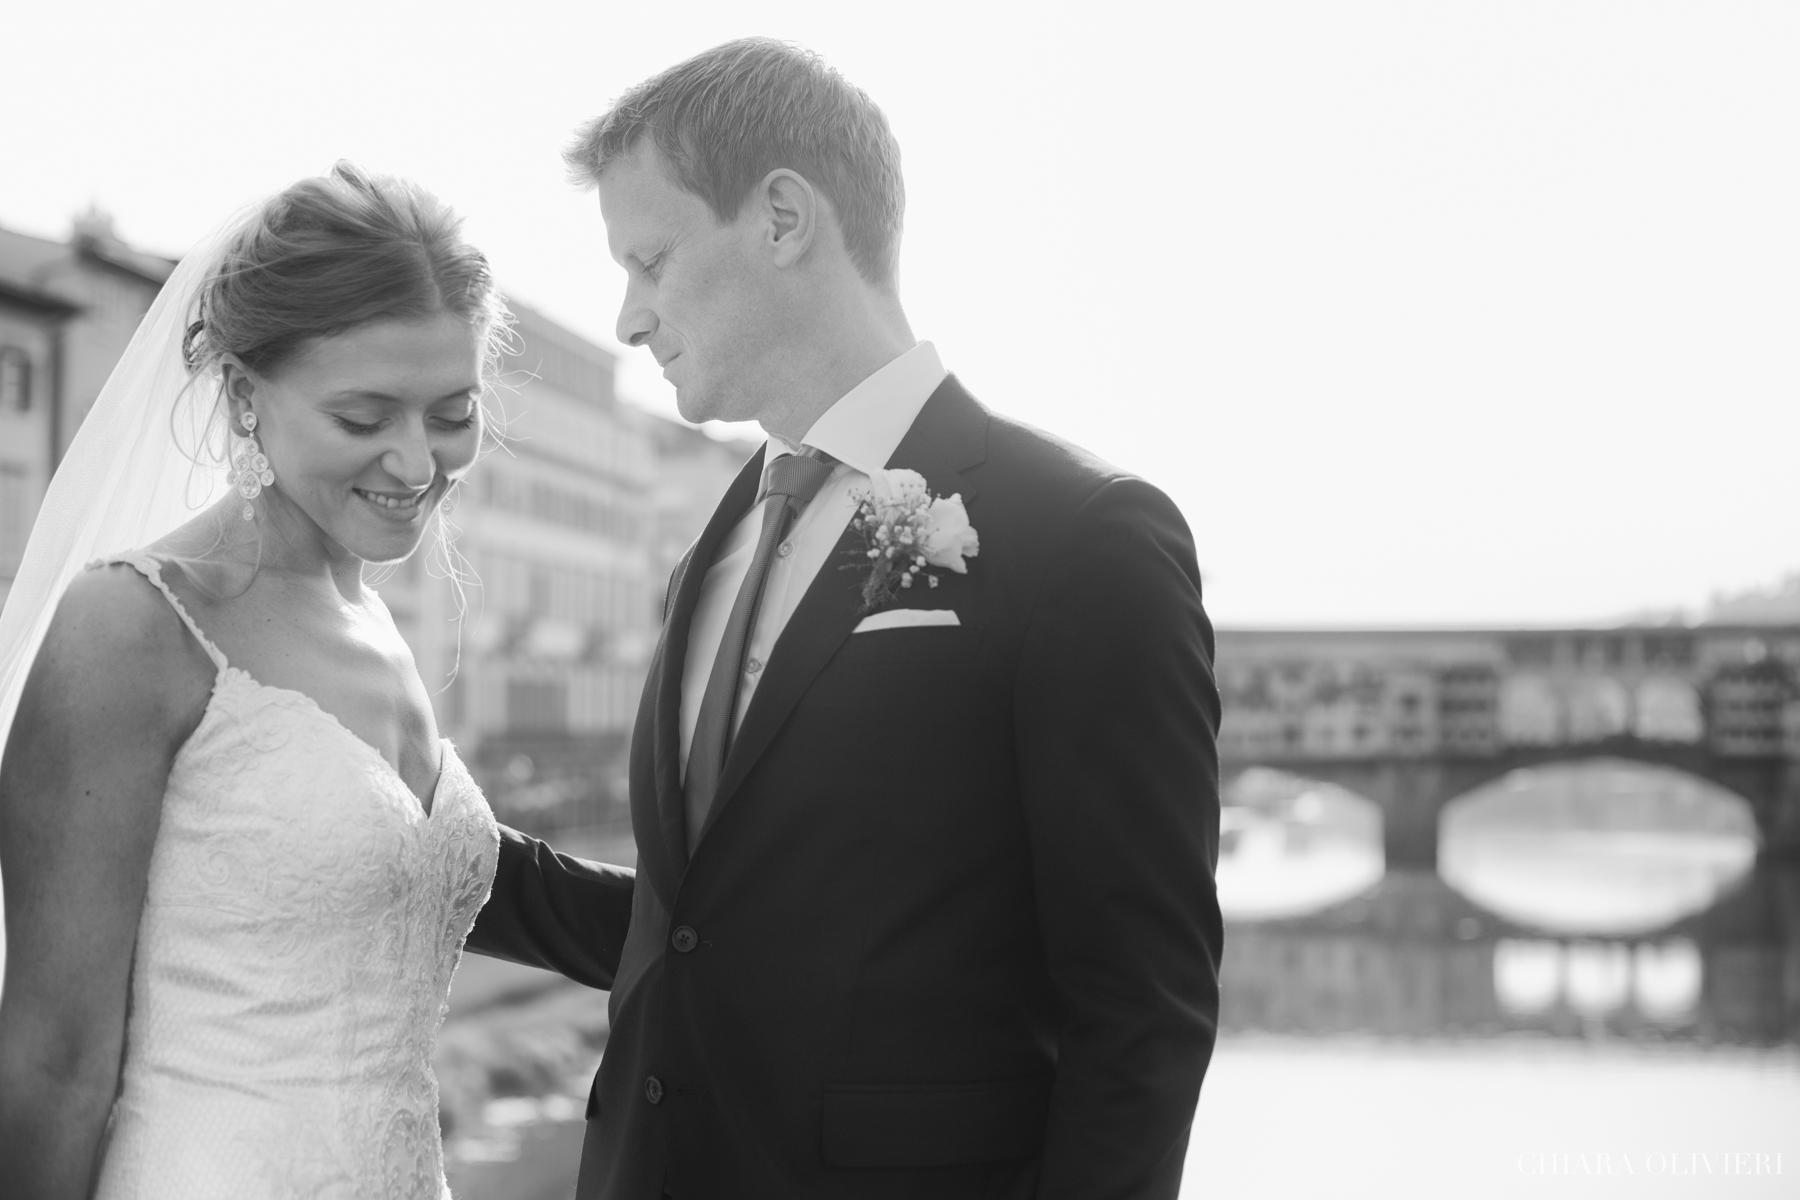 matrimonio-toscana-torredeilari-firenze-57